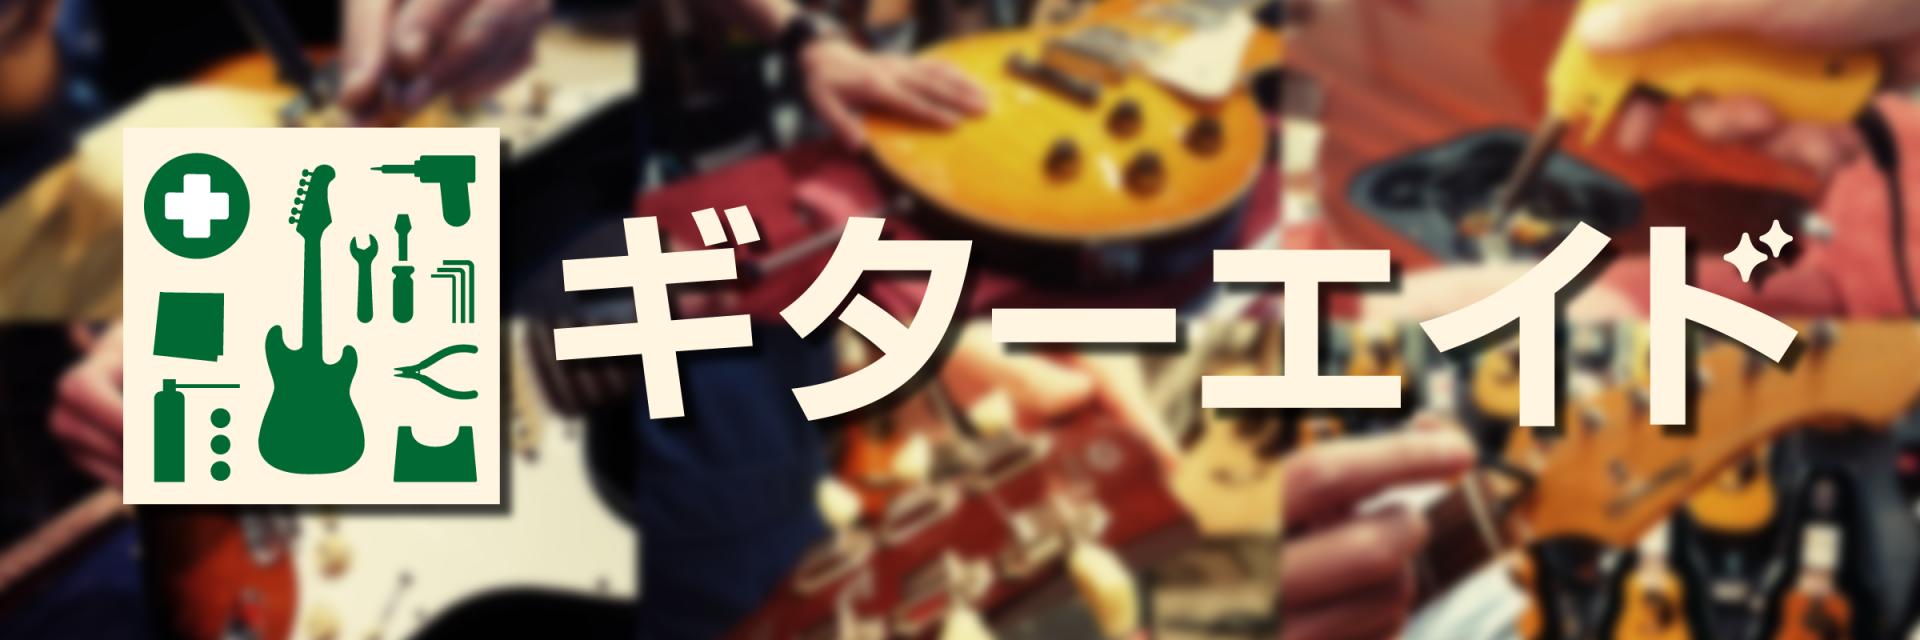 ギターエイド